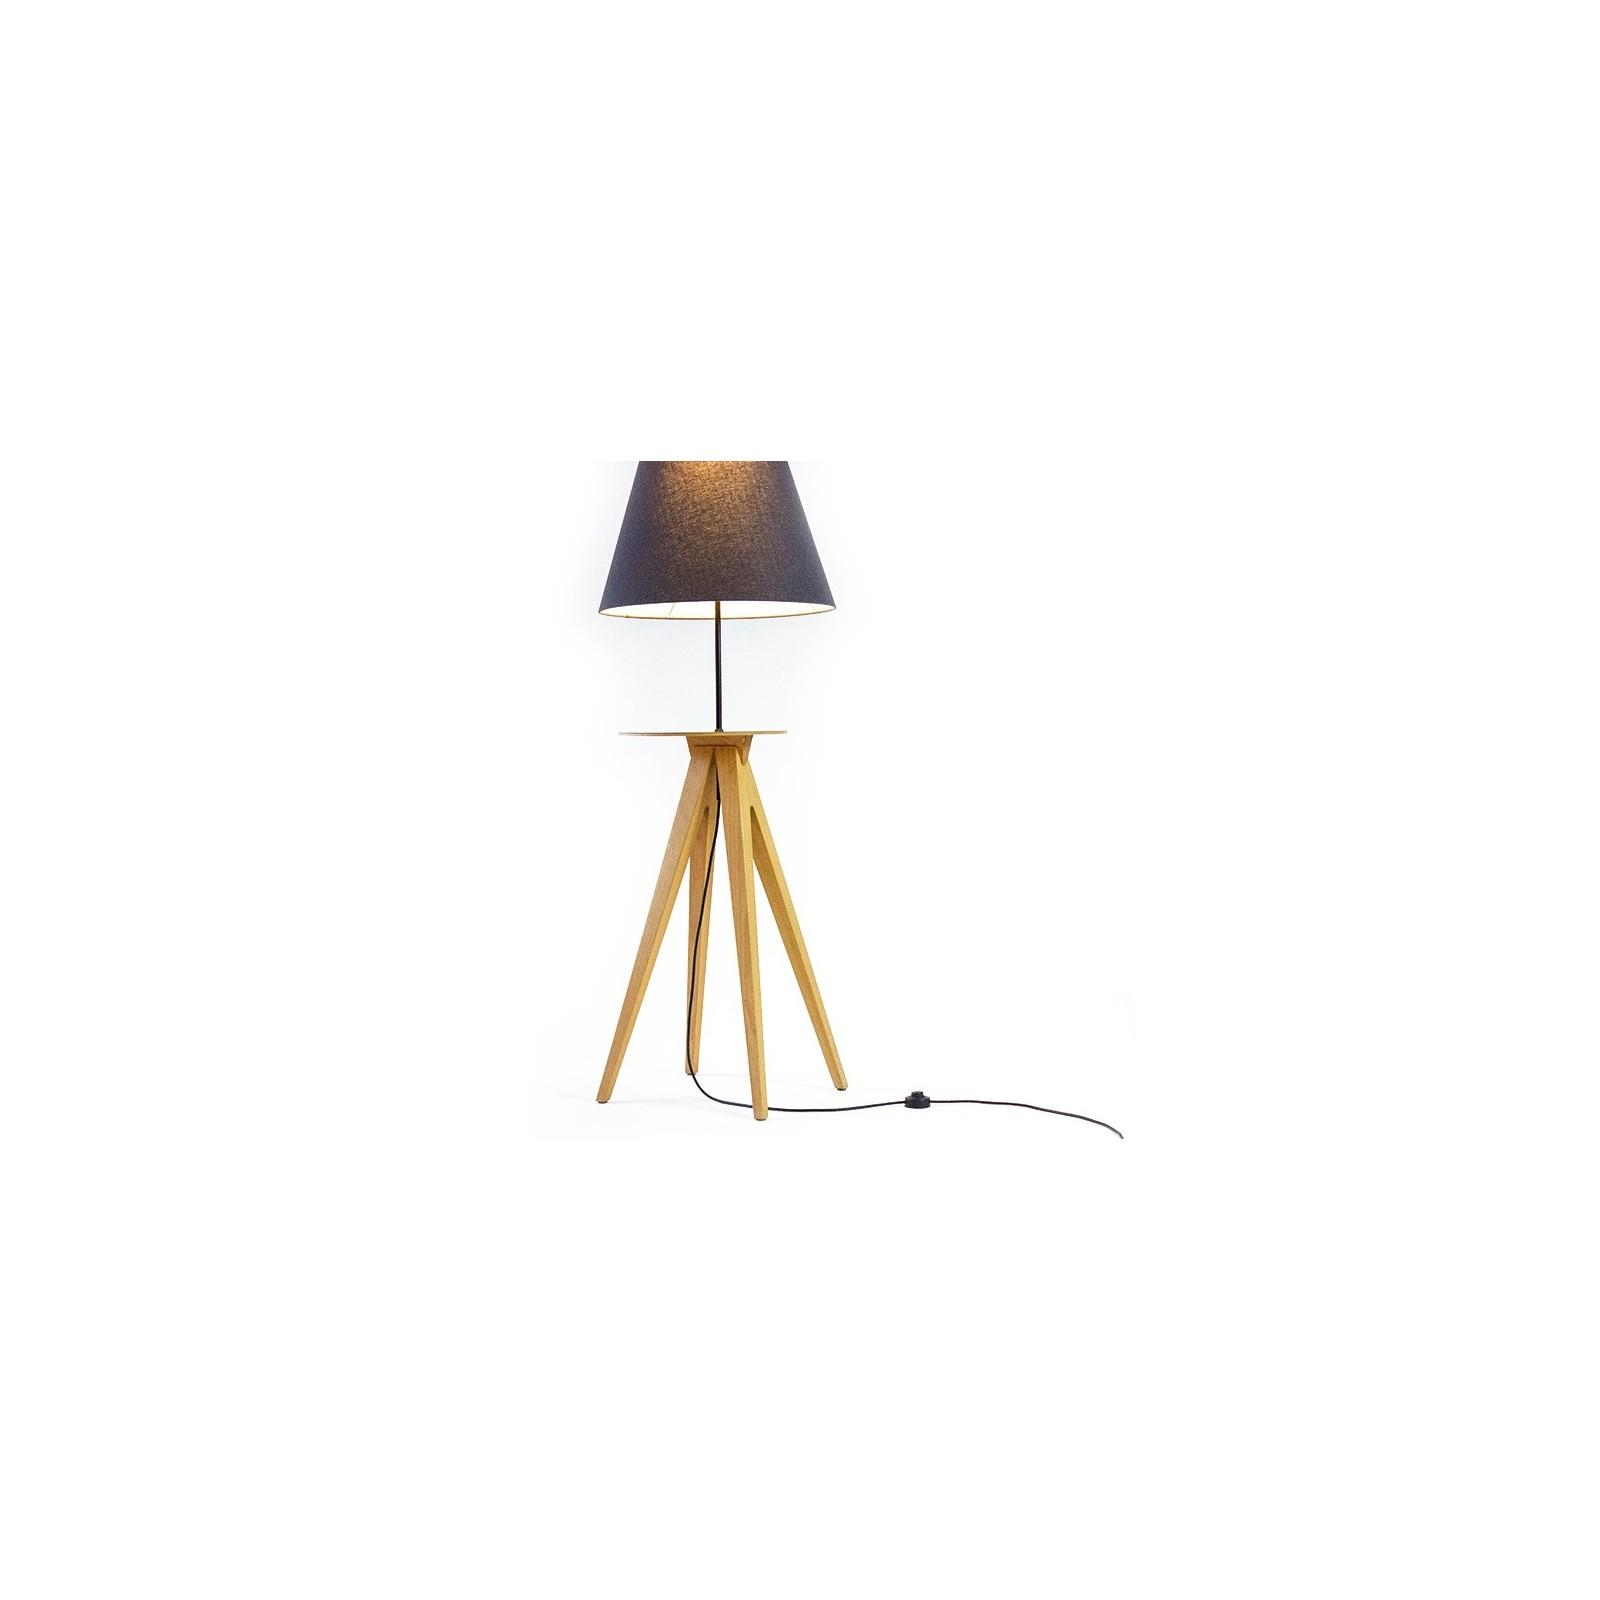 Avec Lampe Avec Tablette Lampe Reglable Reglable Tablette Avec Lampe uZOiXTlwkP